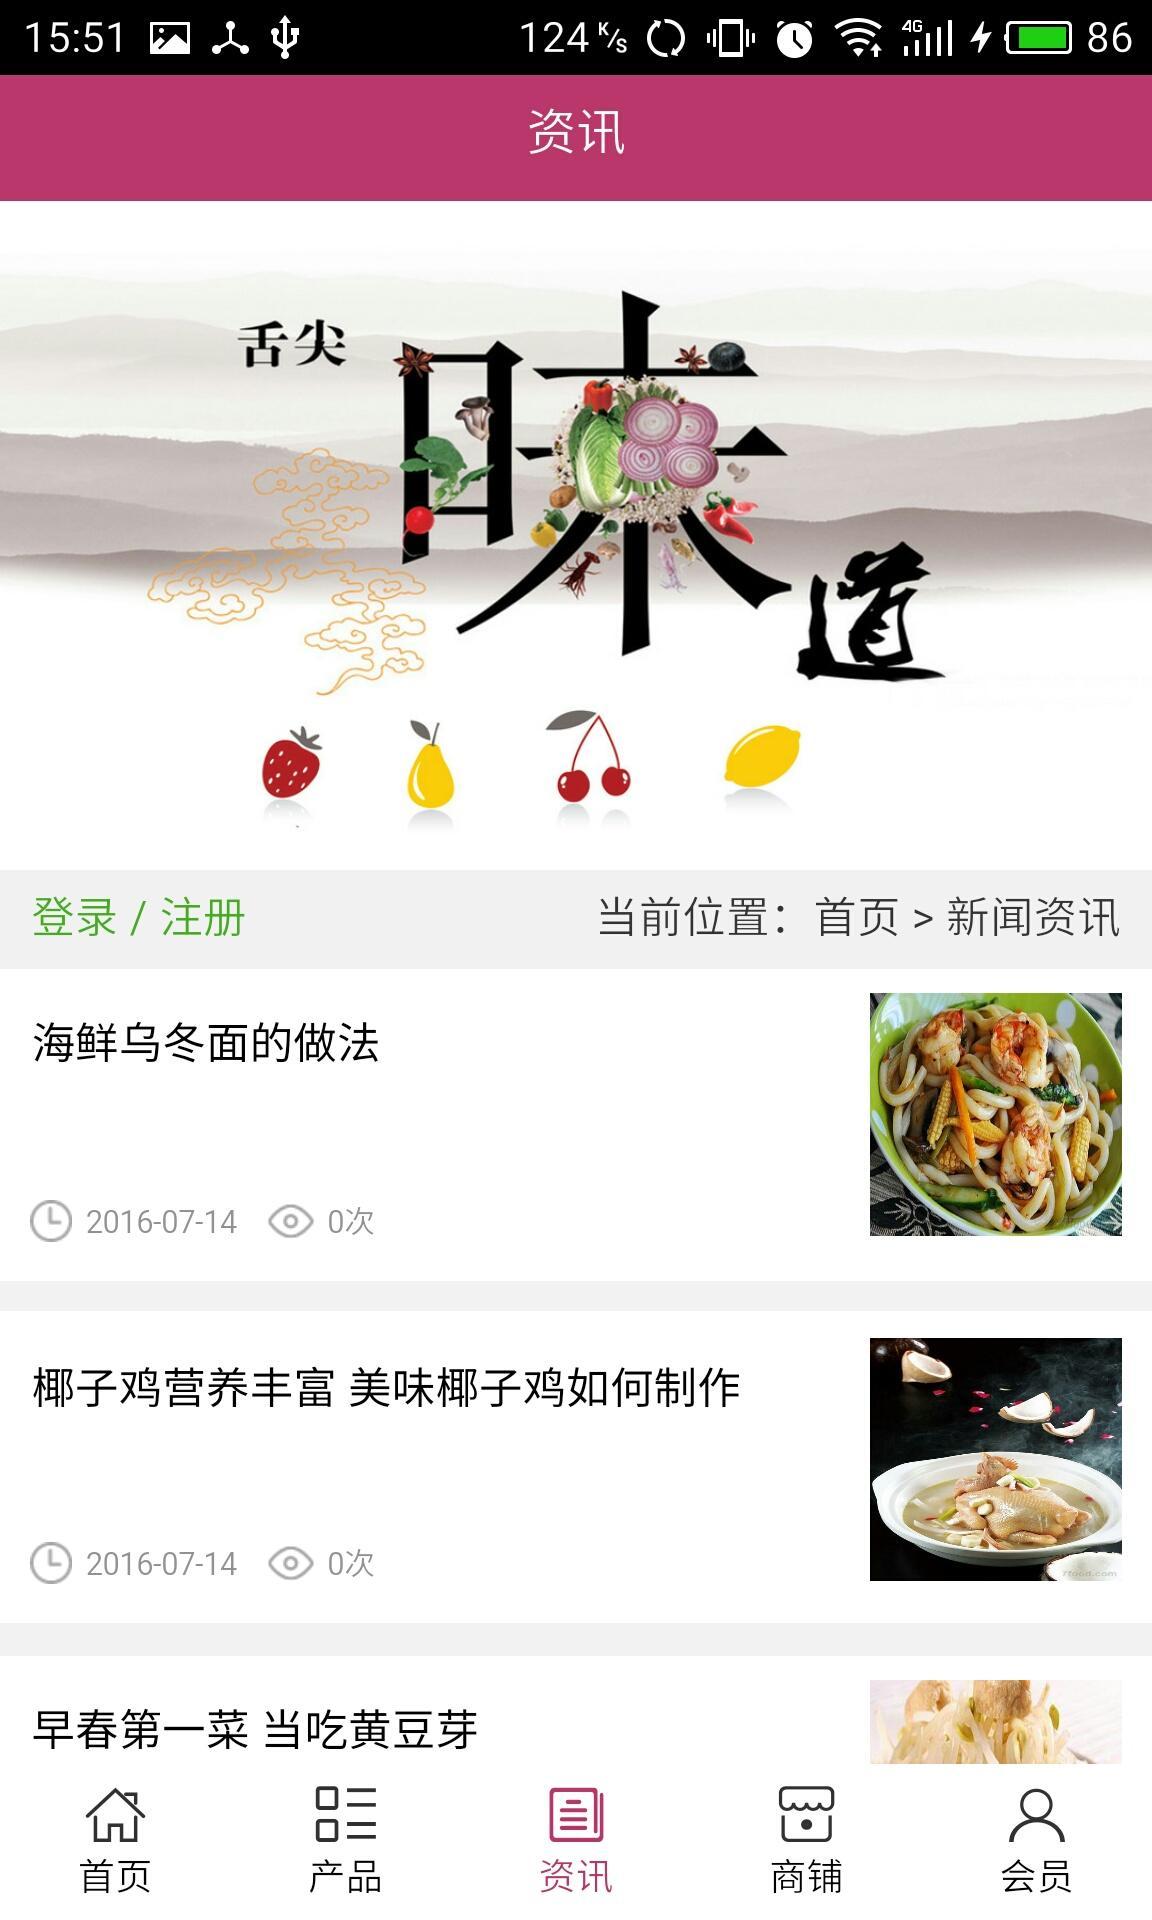 美食小吃 V5.0.0 安卓版截图3